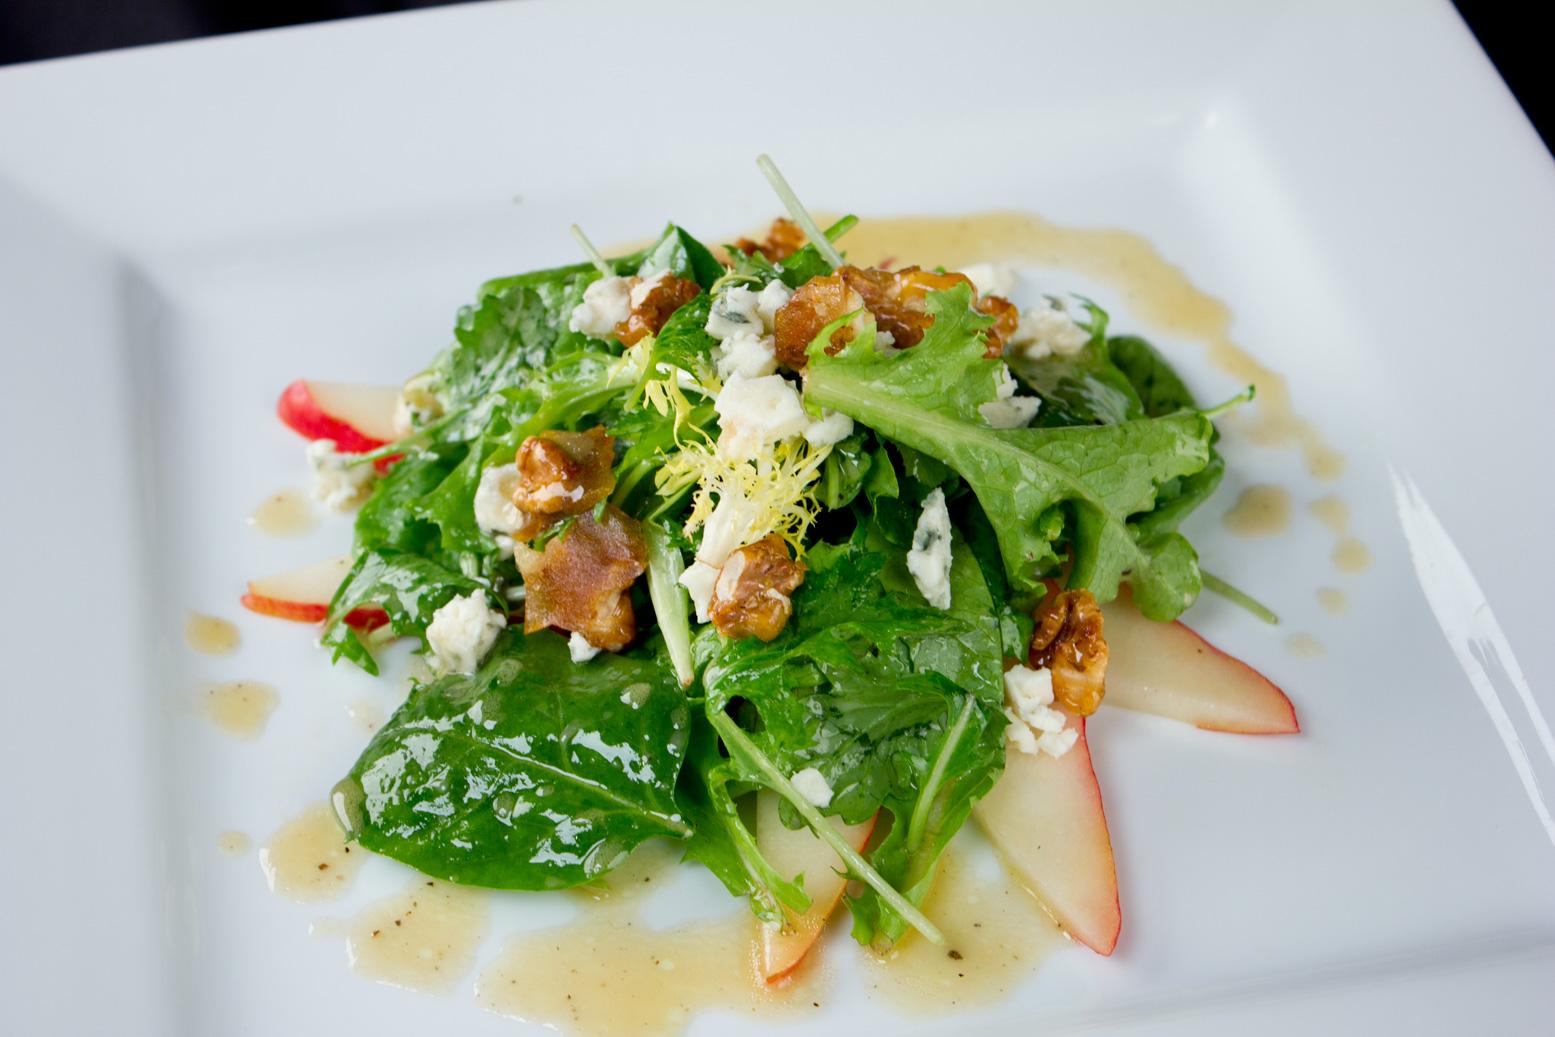 Dieta pe bază de salate. Slăbeşti 4 kilograme în 7 zile! | Dietă şi slăbire, Sănătate | secretfantasy.ro